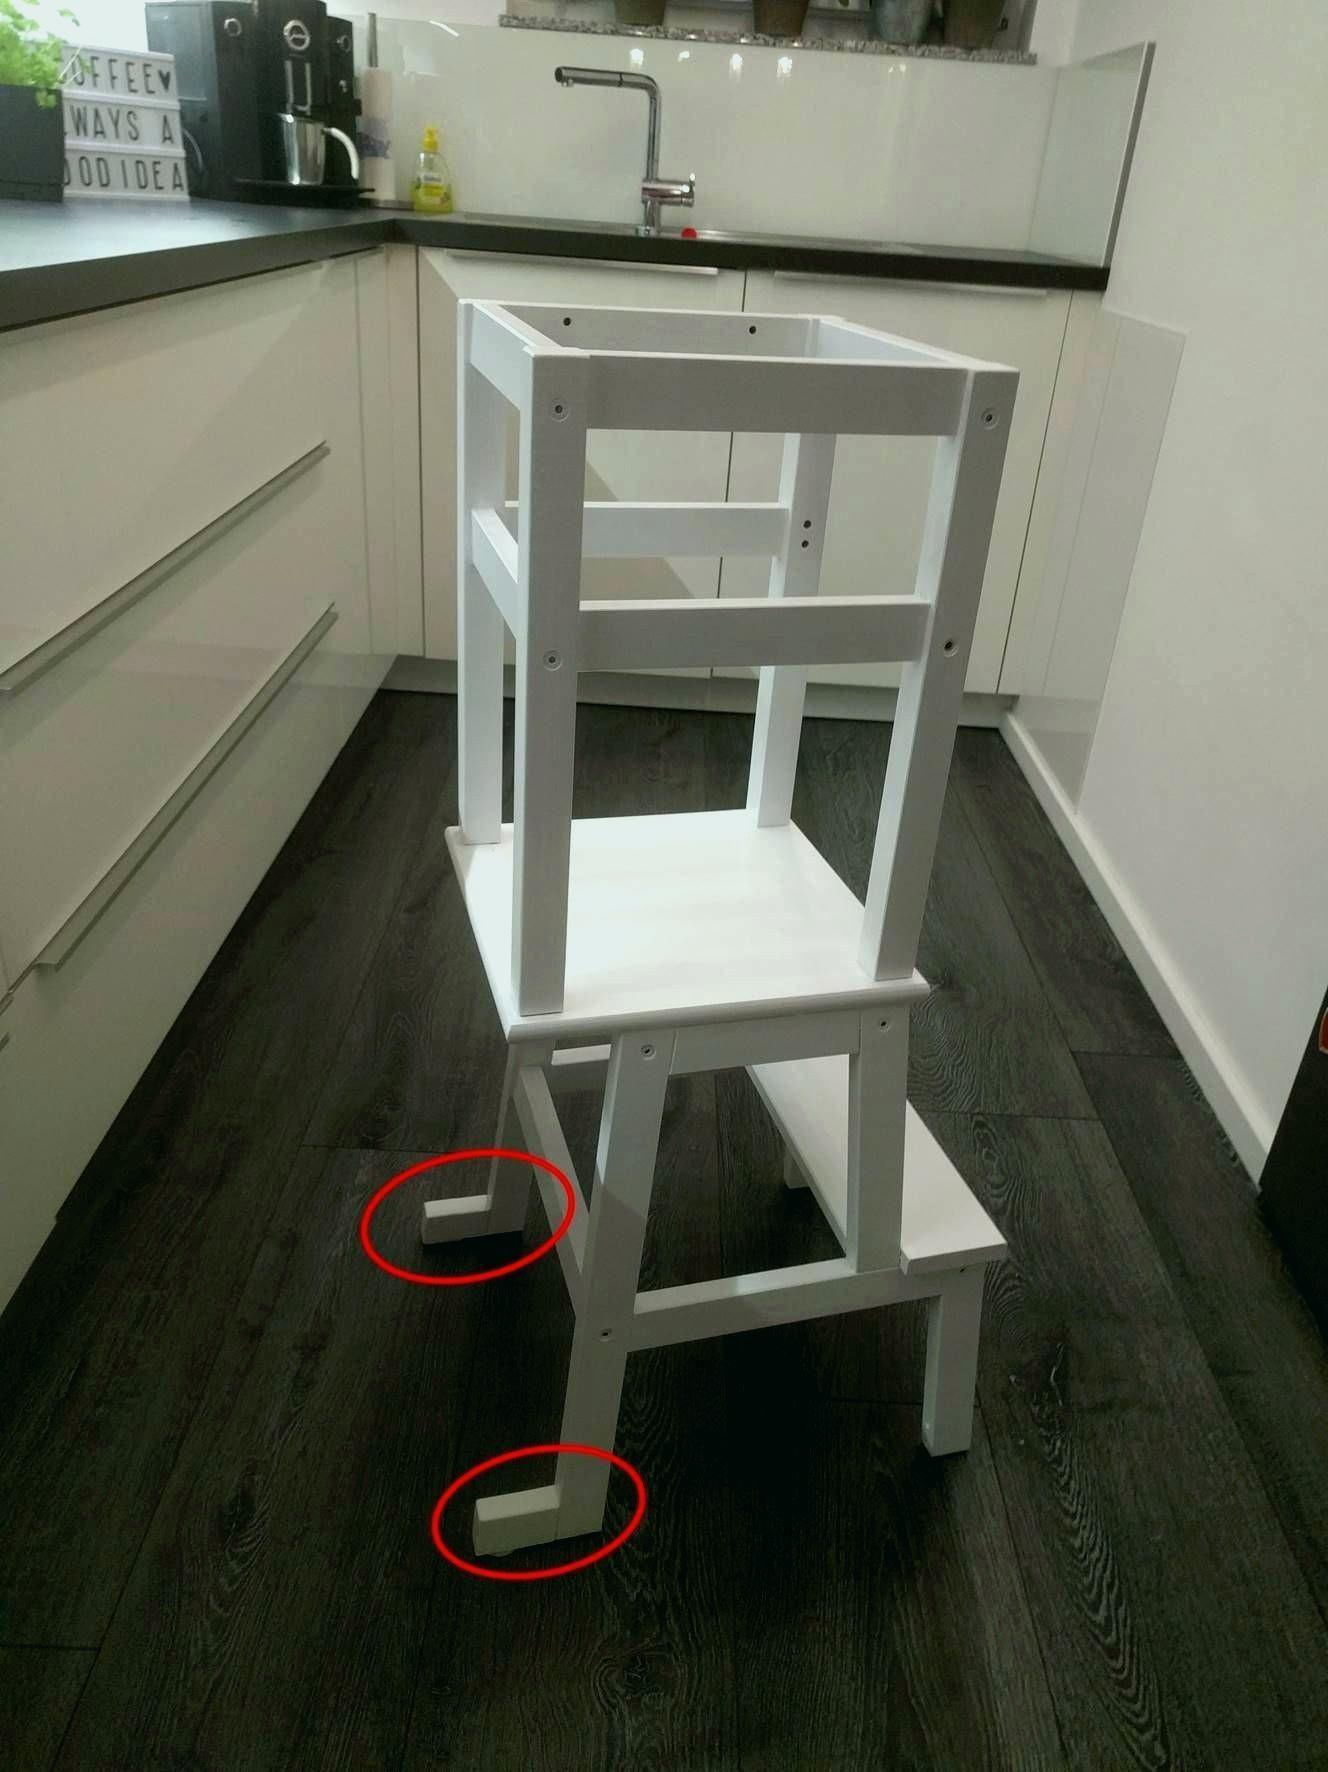 Lit Pour Chien Ikea Douce Ikea Lit Cabane